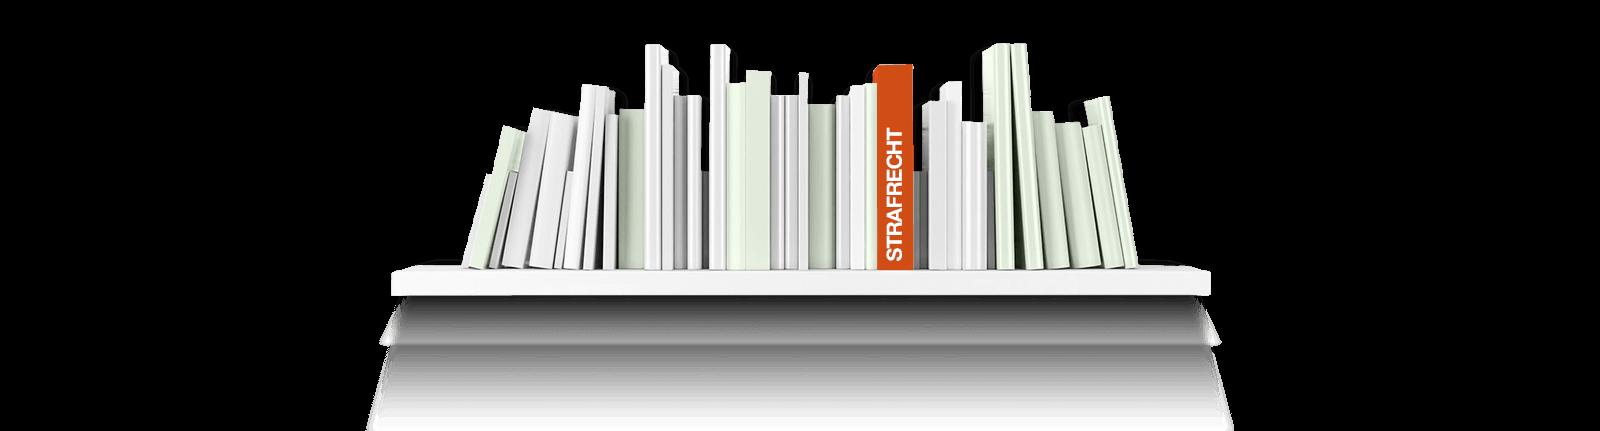 Bild zeigt ein Bücherregal mit einem Buch zum Thema Strafrecht